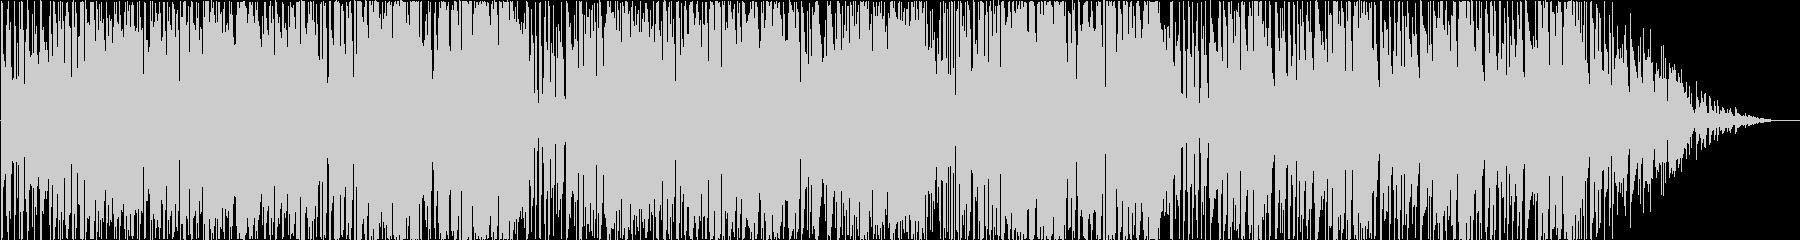 プロムナード4Dの未再生の波形